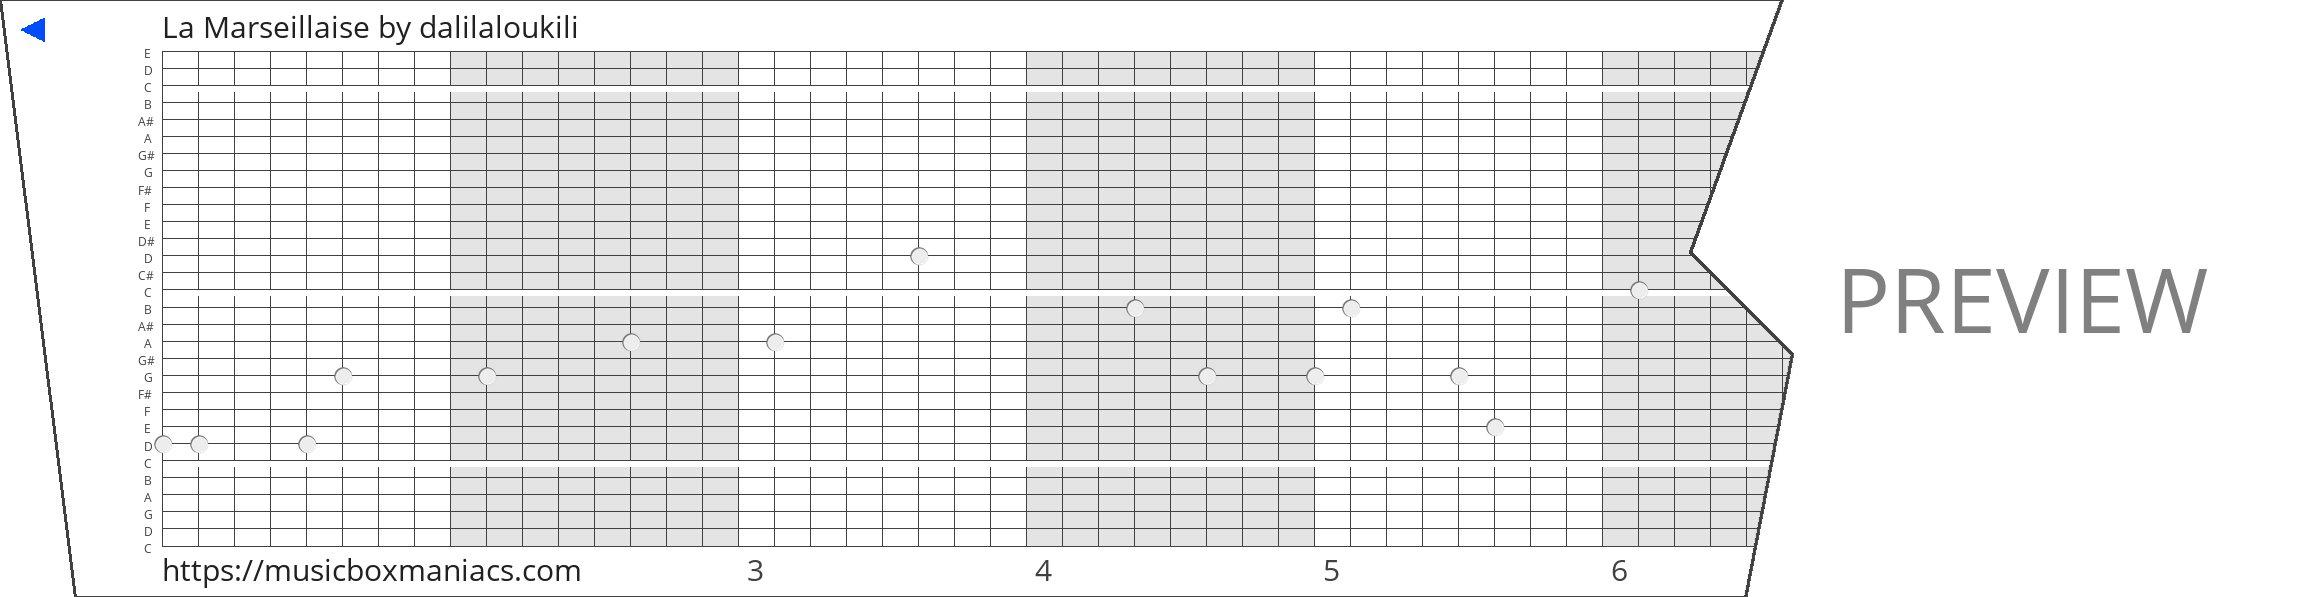 La Marseillaise 30 note music box paper strip